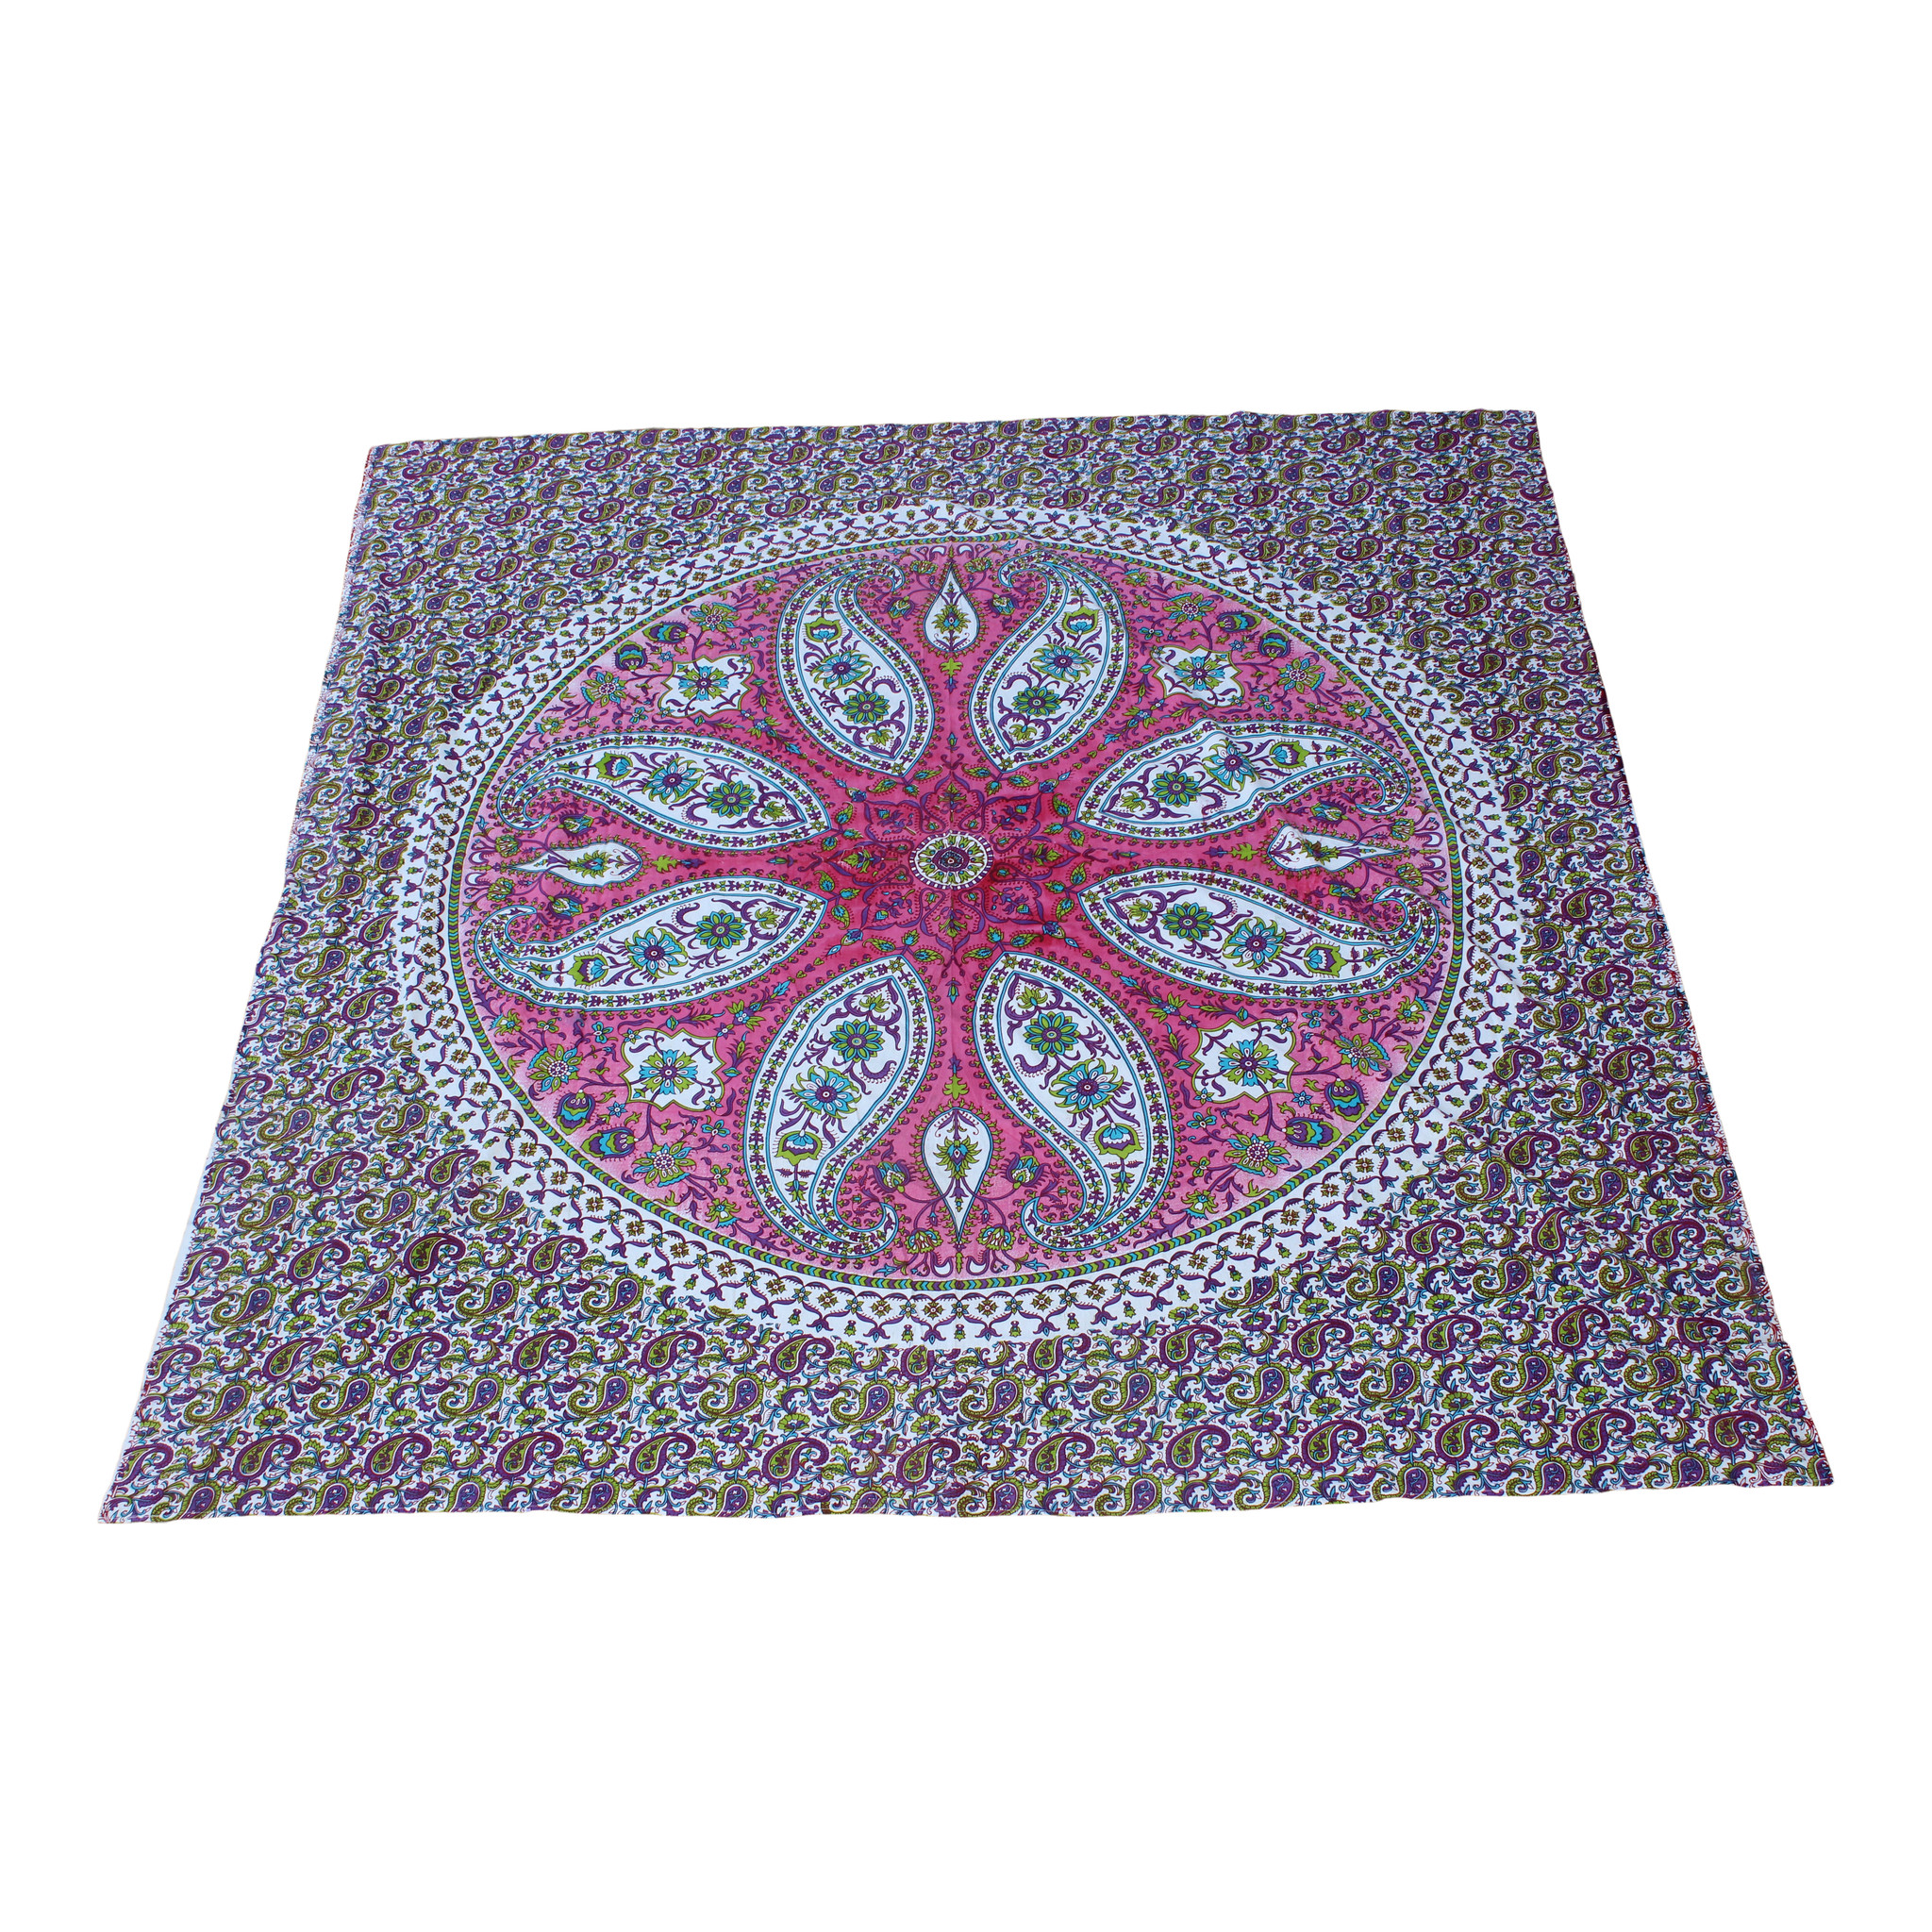 Myroundie Myroundie - roundie - vierkant strandlaken XL – yoga kleed- speelkleed - picknickkleed -100% katoen – Q54